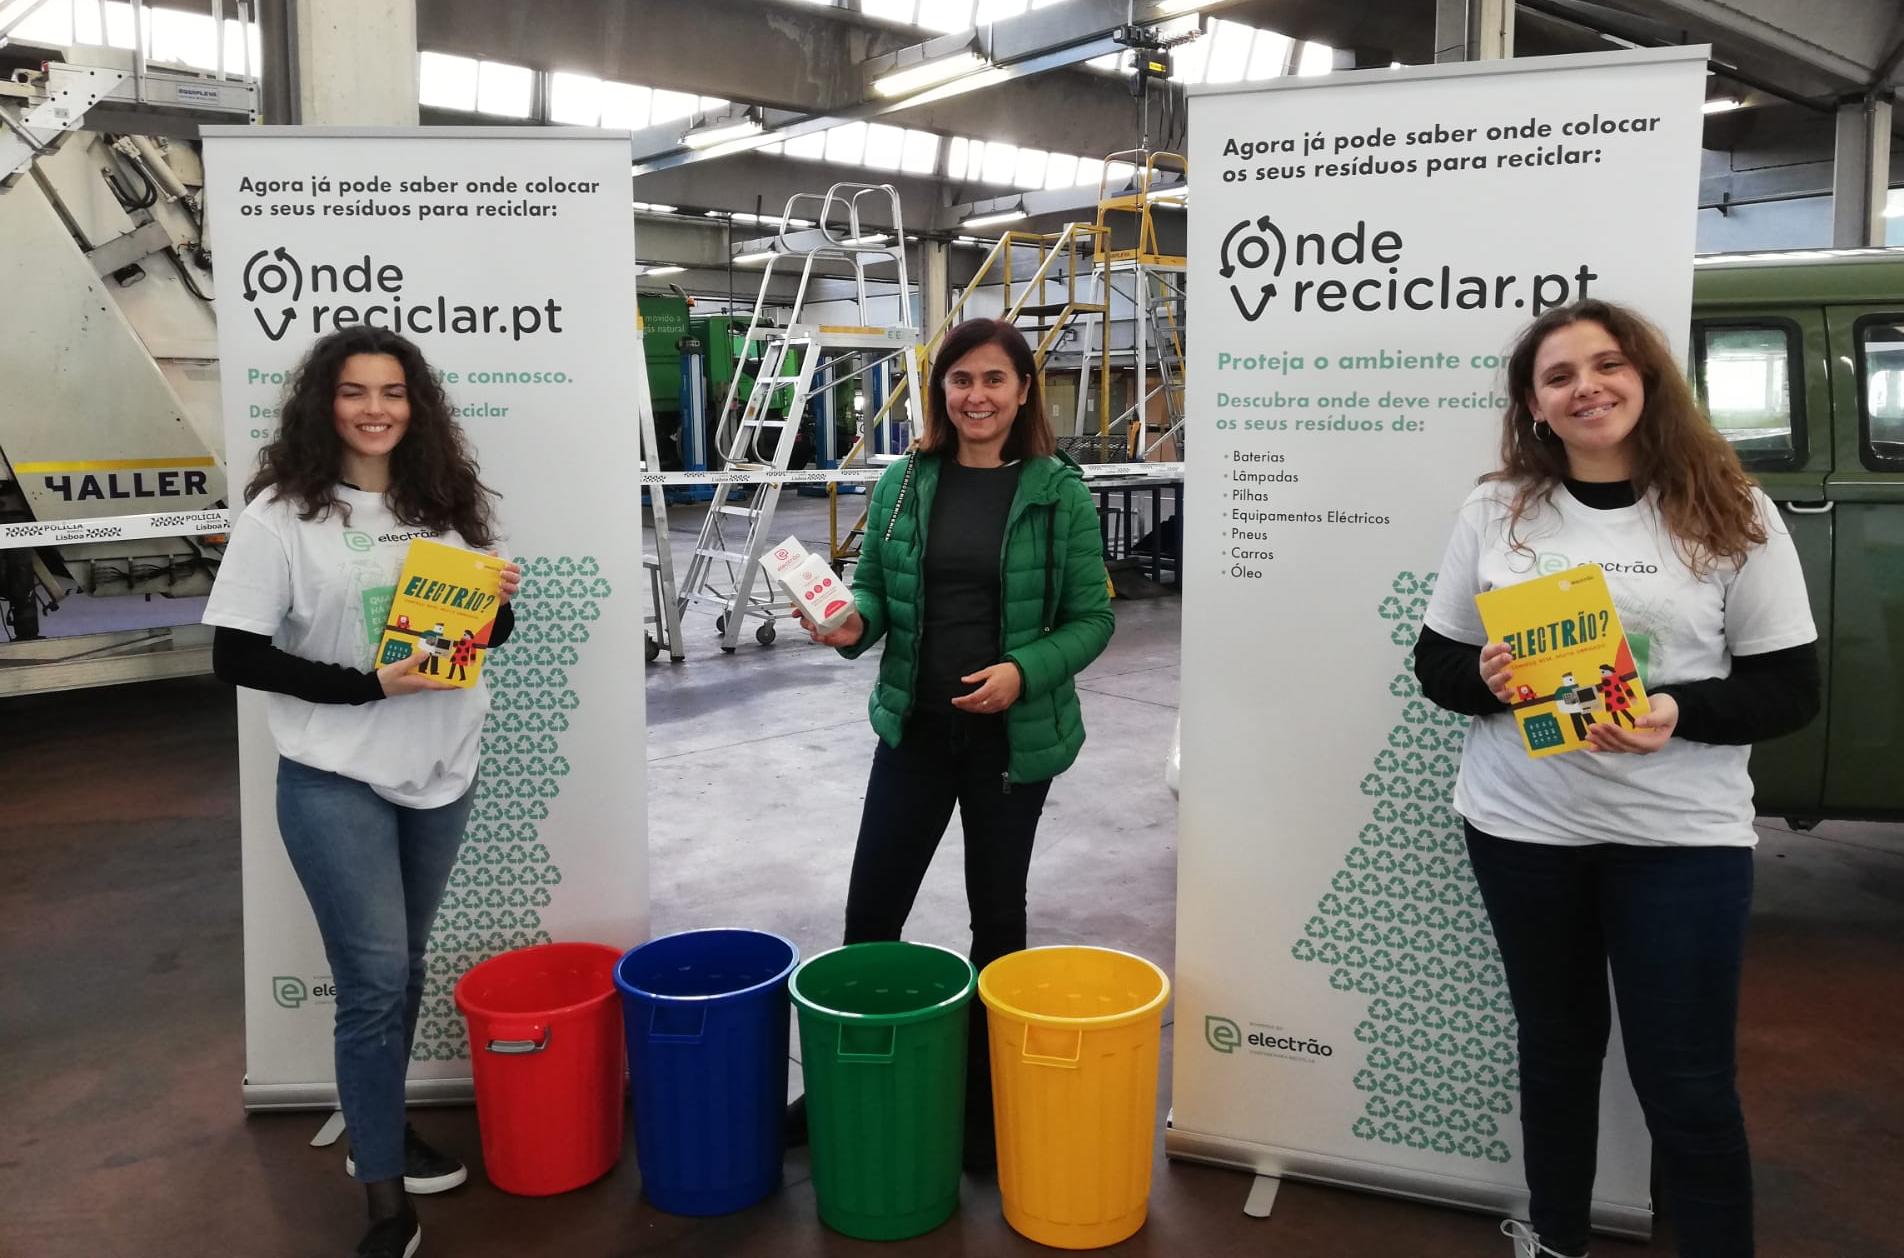 Electrão Promove Acção De Sensibilização Em Evento Da Câmara Municipal De Lisboa